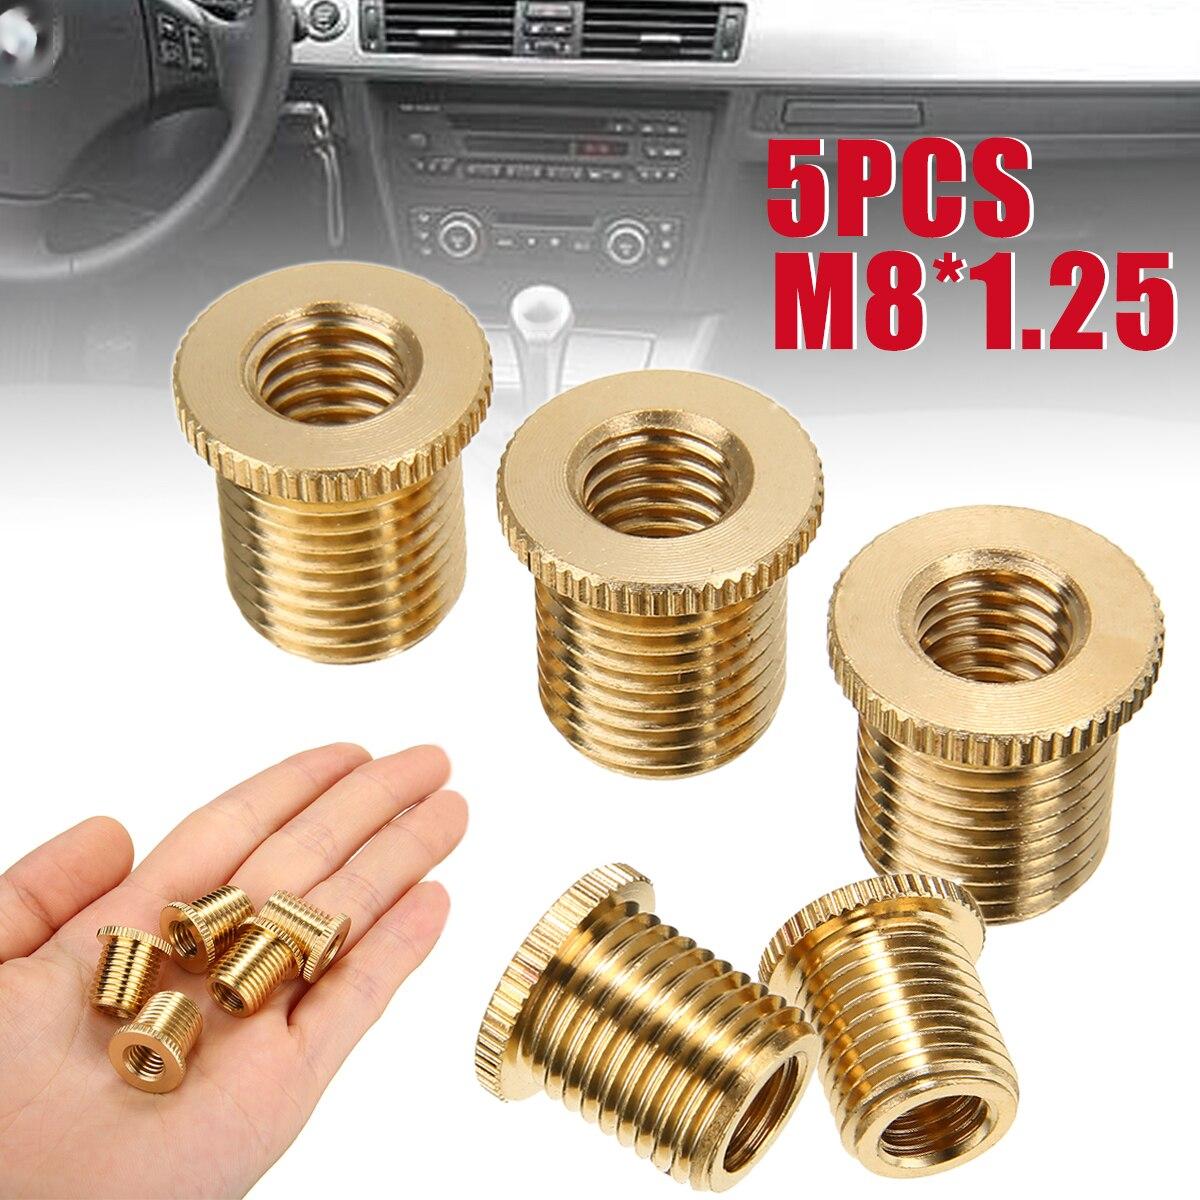 [해외]Mayitr 5pcs M8x1.25 Gold Gear Shift Knob Thread Adapter Nuts Inserts Aluminum Alloy Car Auto Universal Accessories/Mayitr 5pcs M8x1.25 Gold Gear S